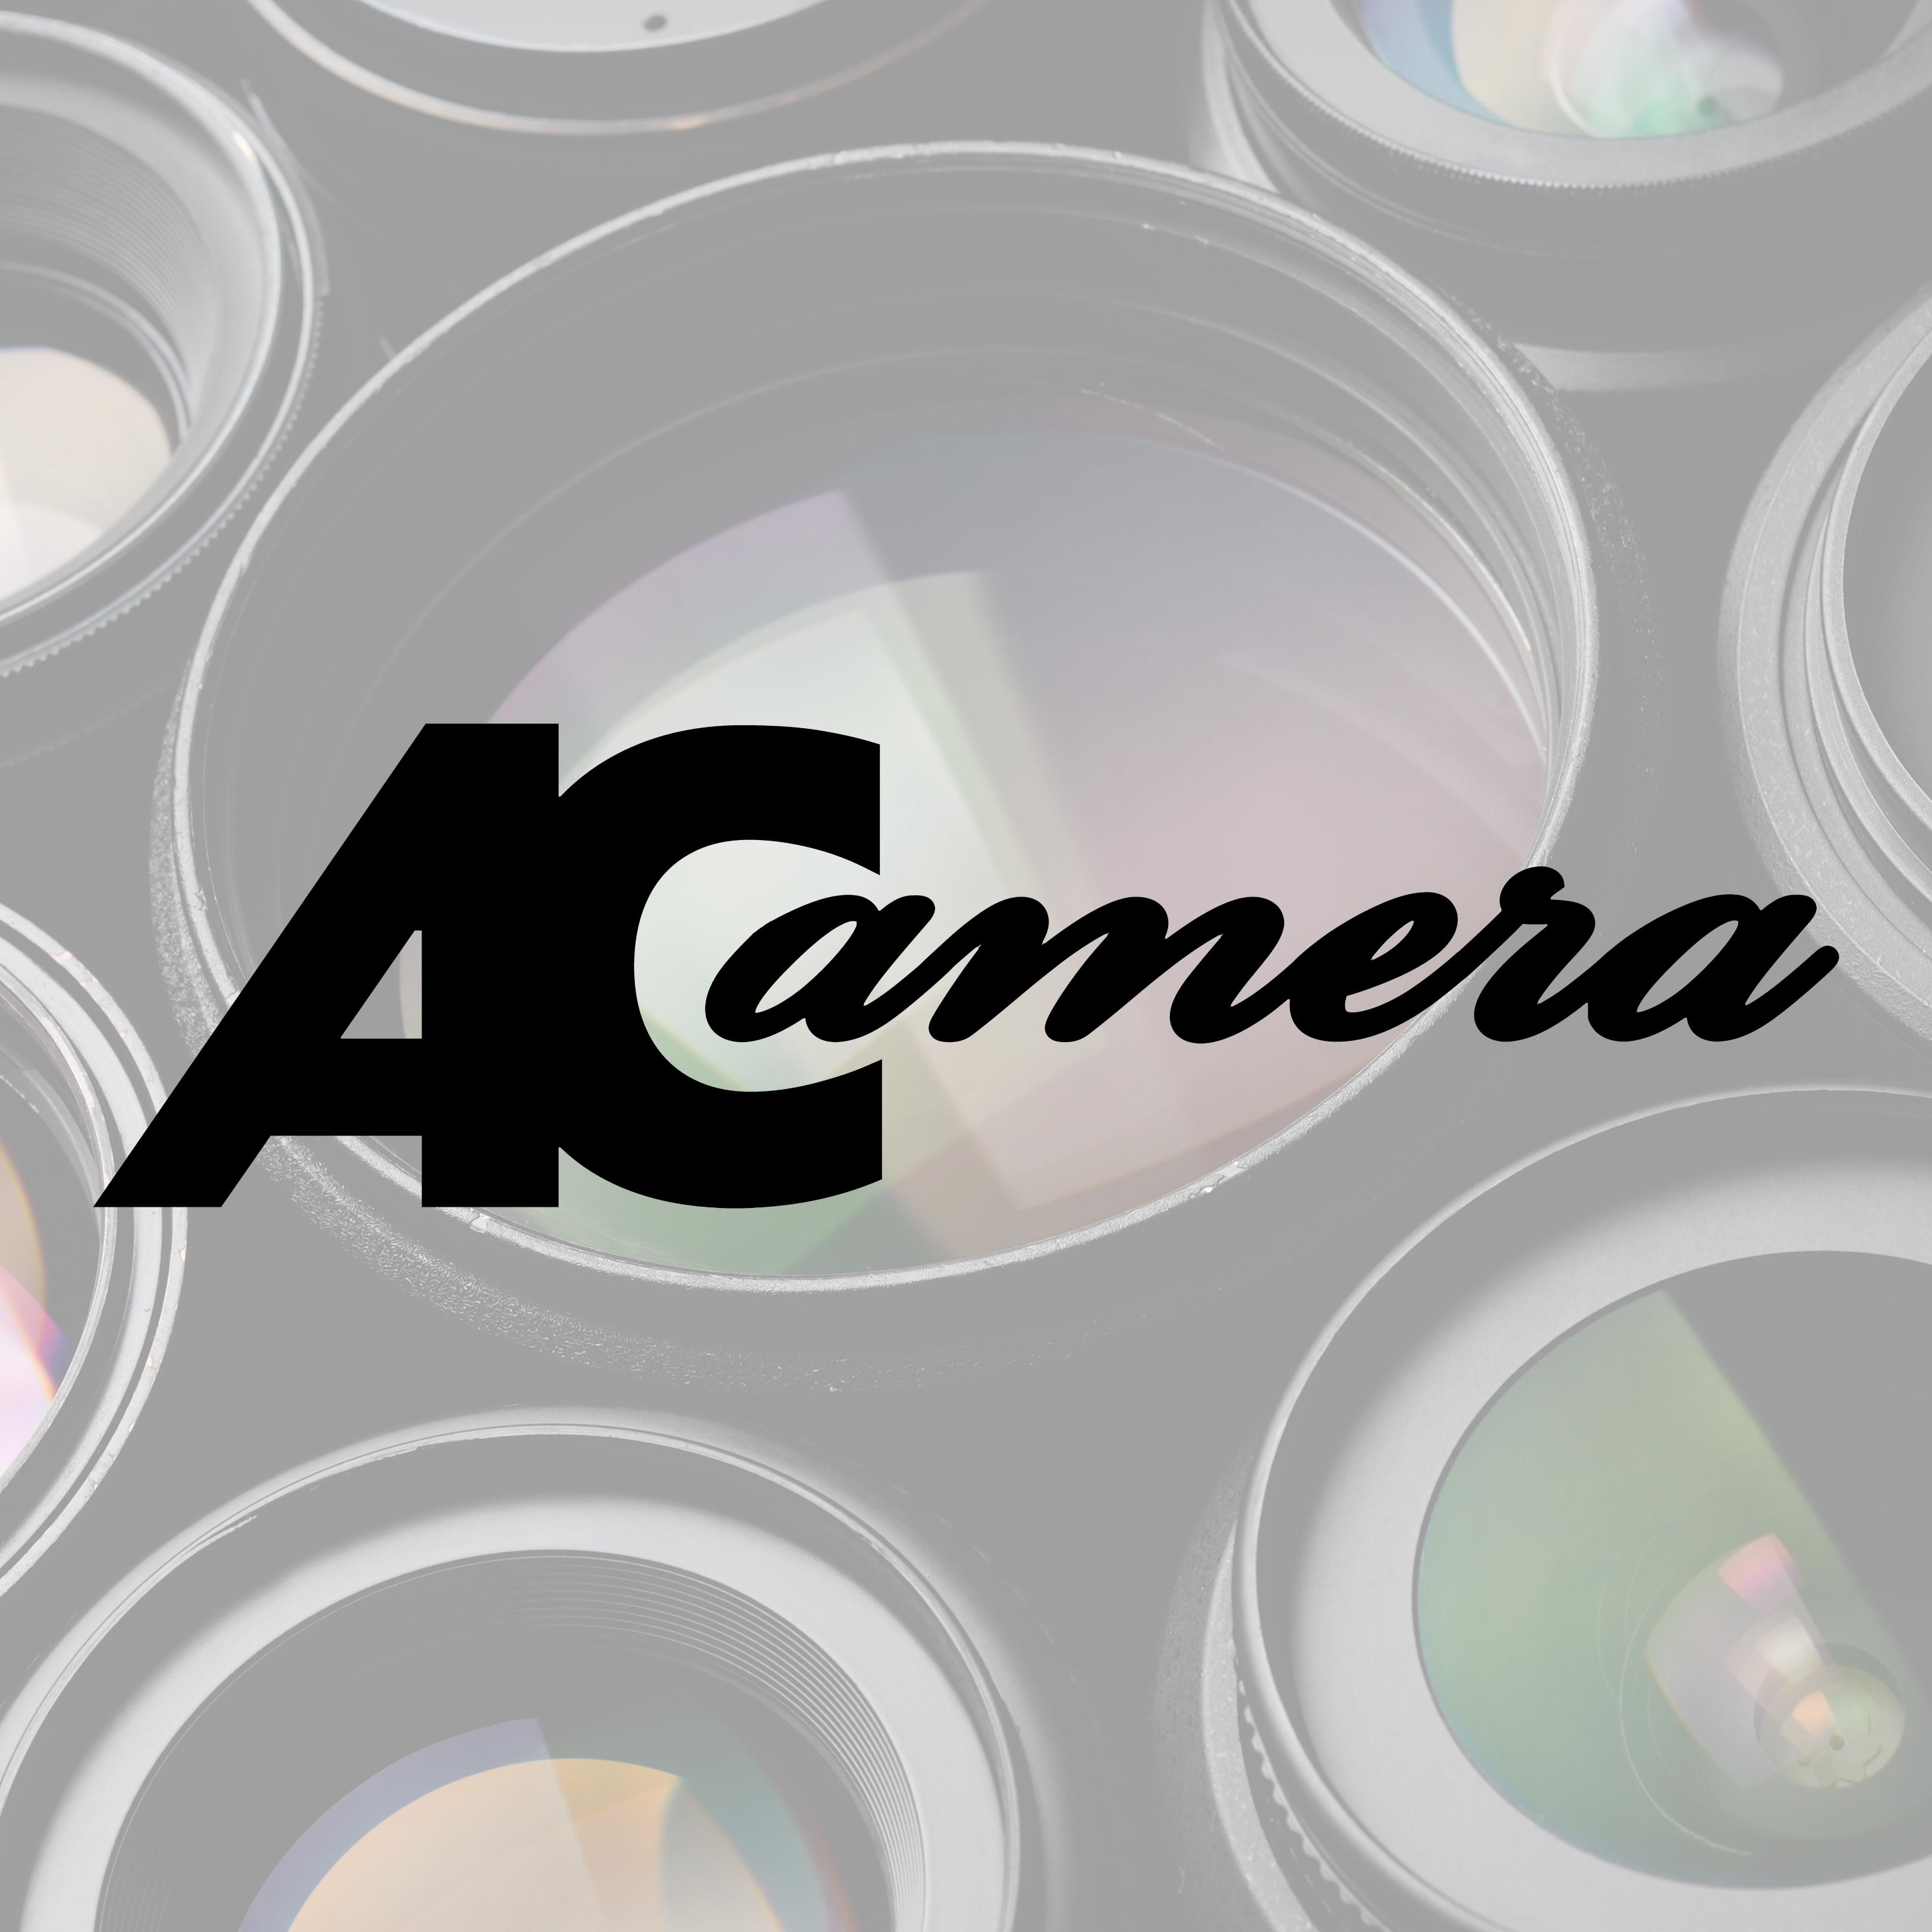 ACamera | Motion Picture Equipment Rentals | Denver Colorado